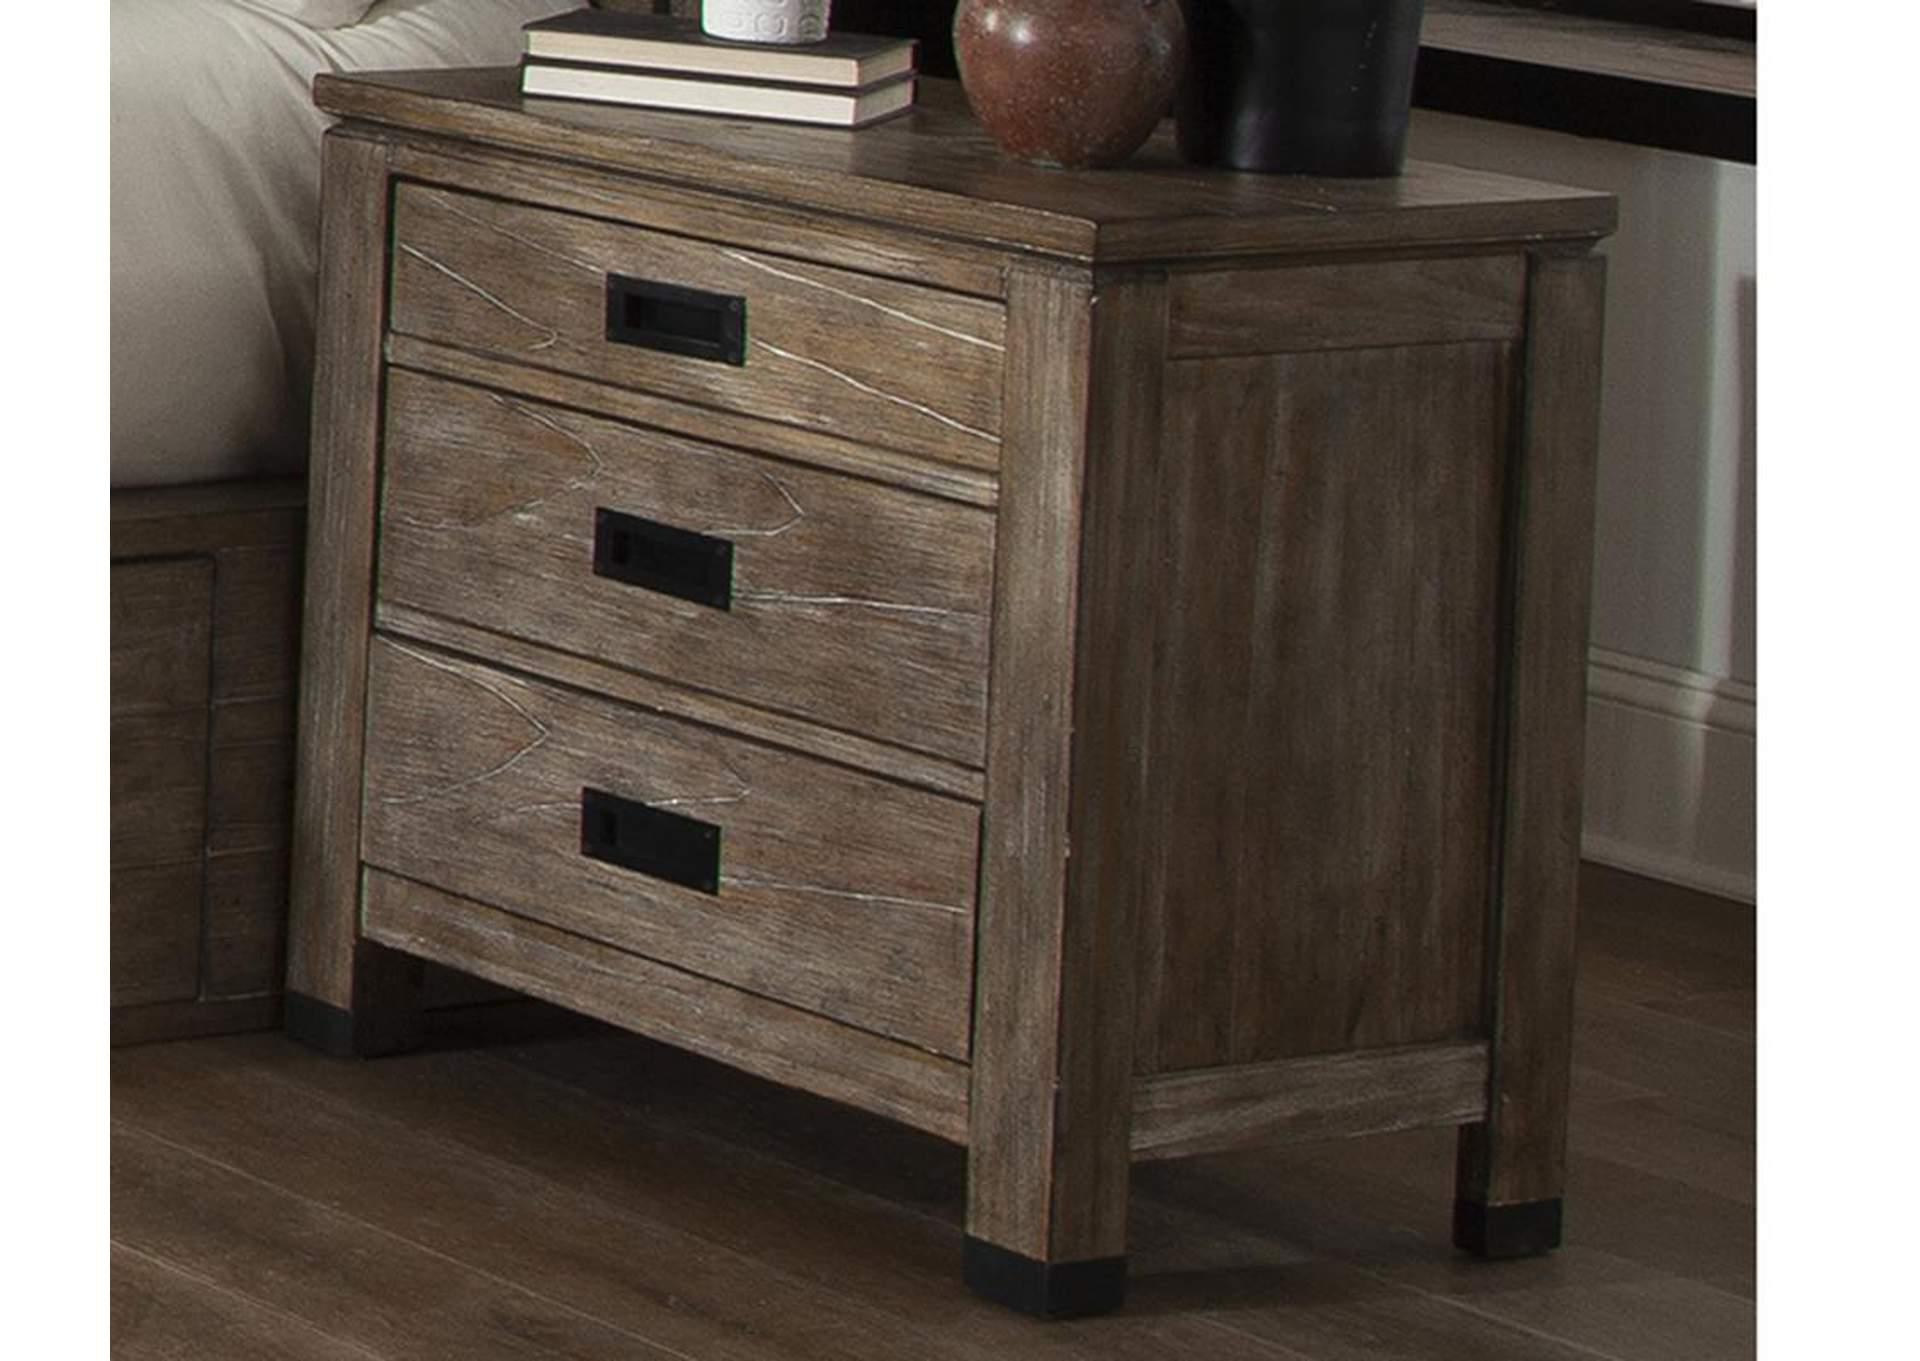 Marvelous Furniture House Dover Nj Meester Rustic Barn Door Nightstand Download Free Architecture Designs Rallybritishbridgeorg